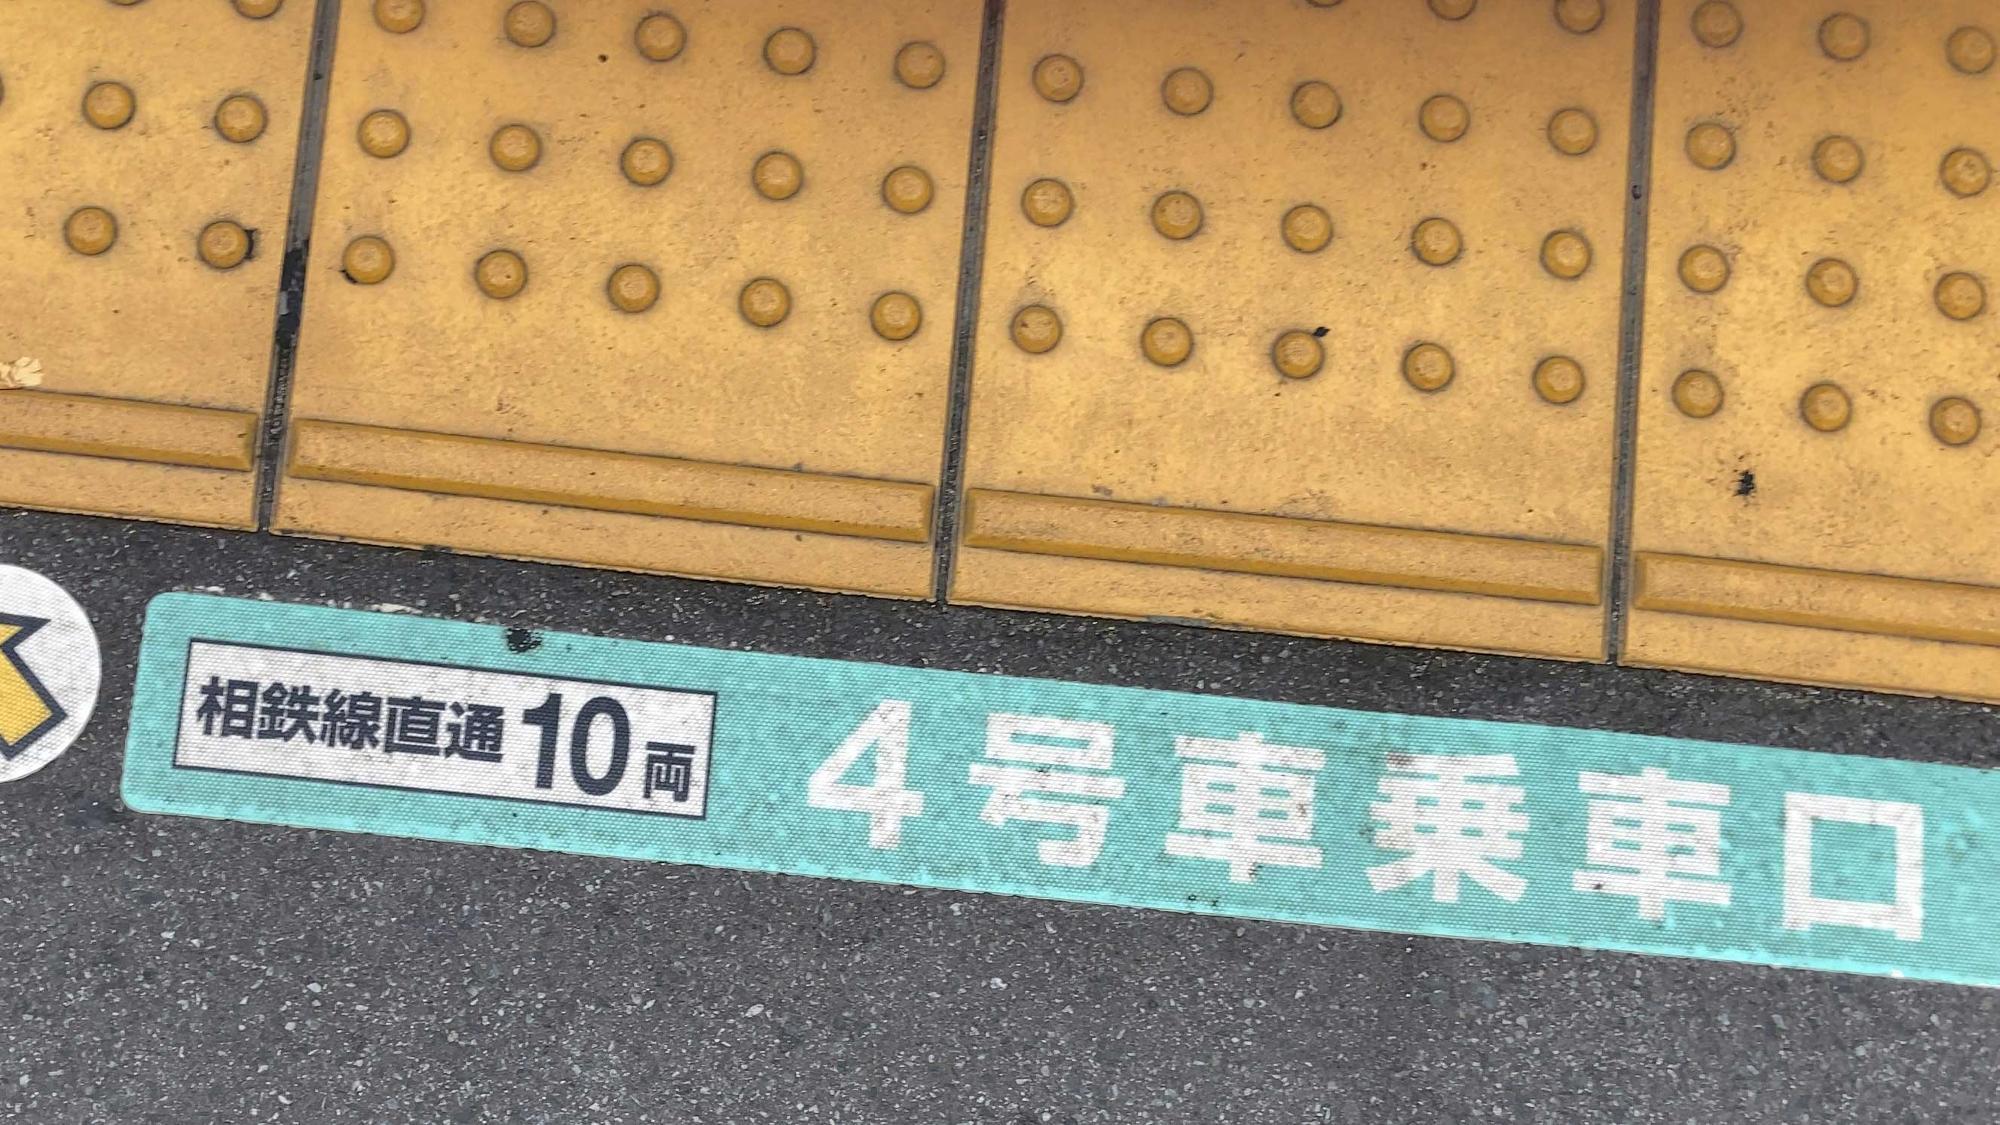 もちろん、足元にも「相鉄線直通の乗車口」表示がありました